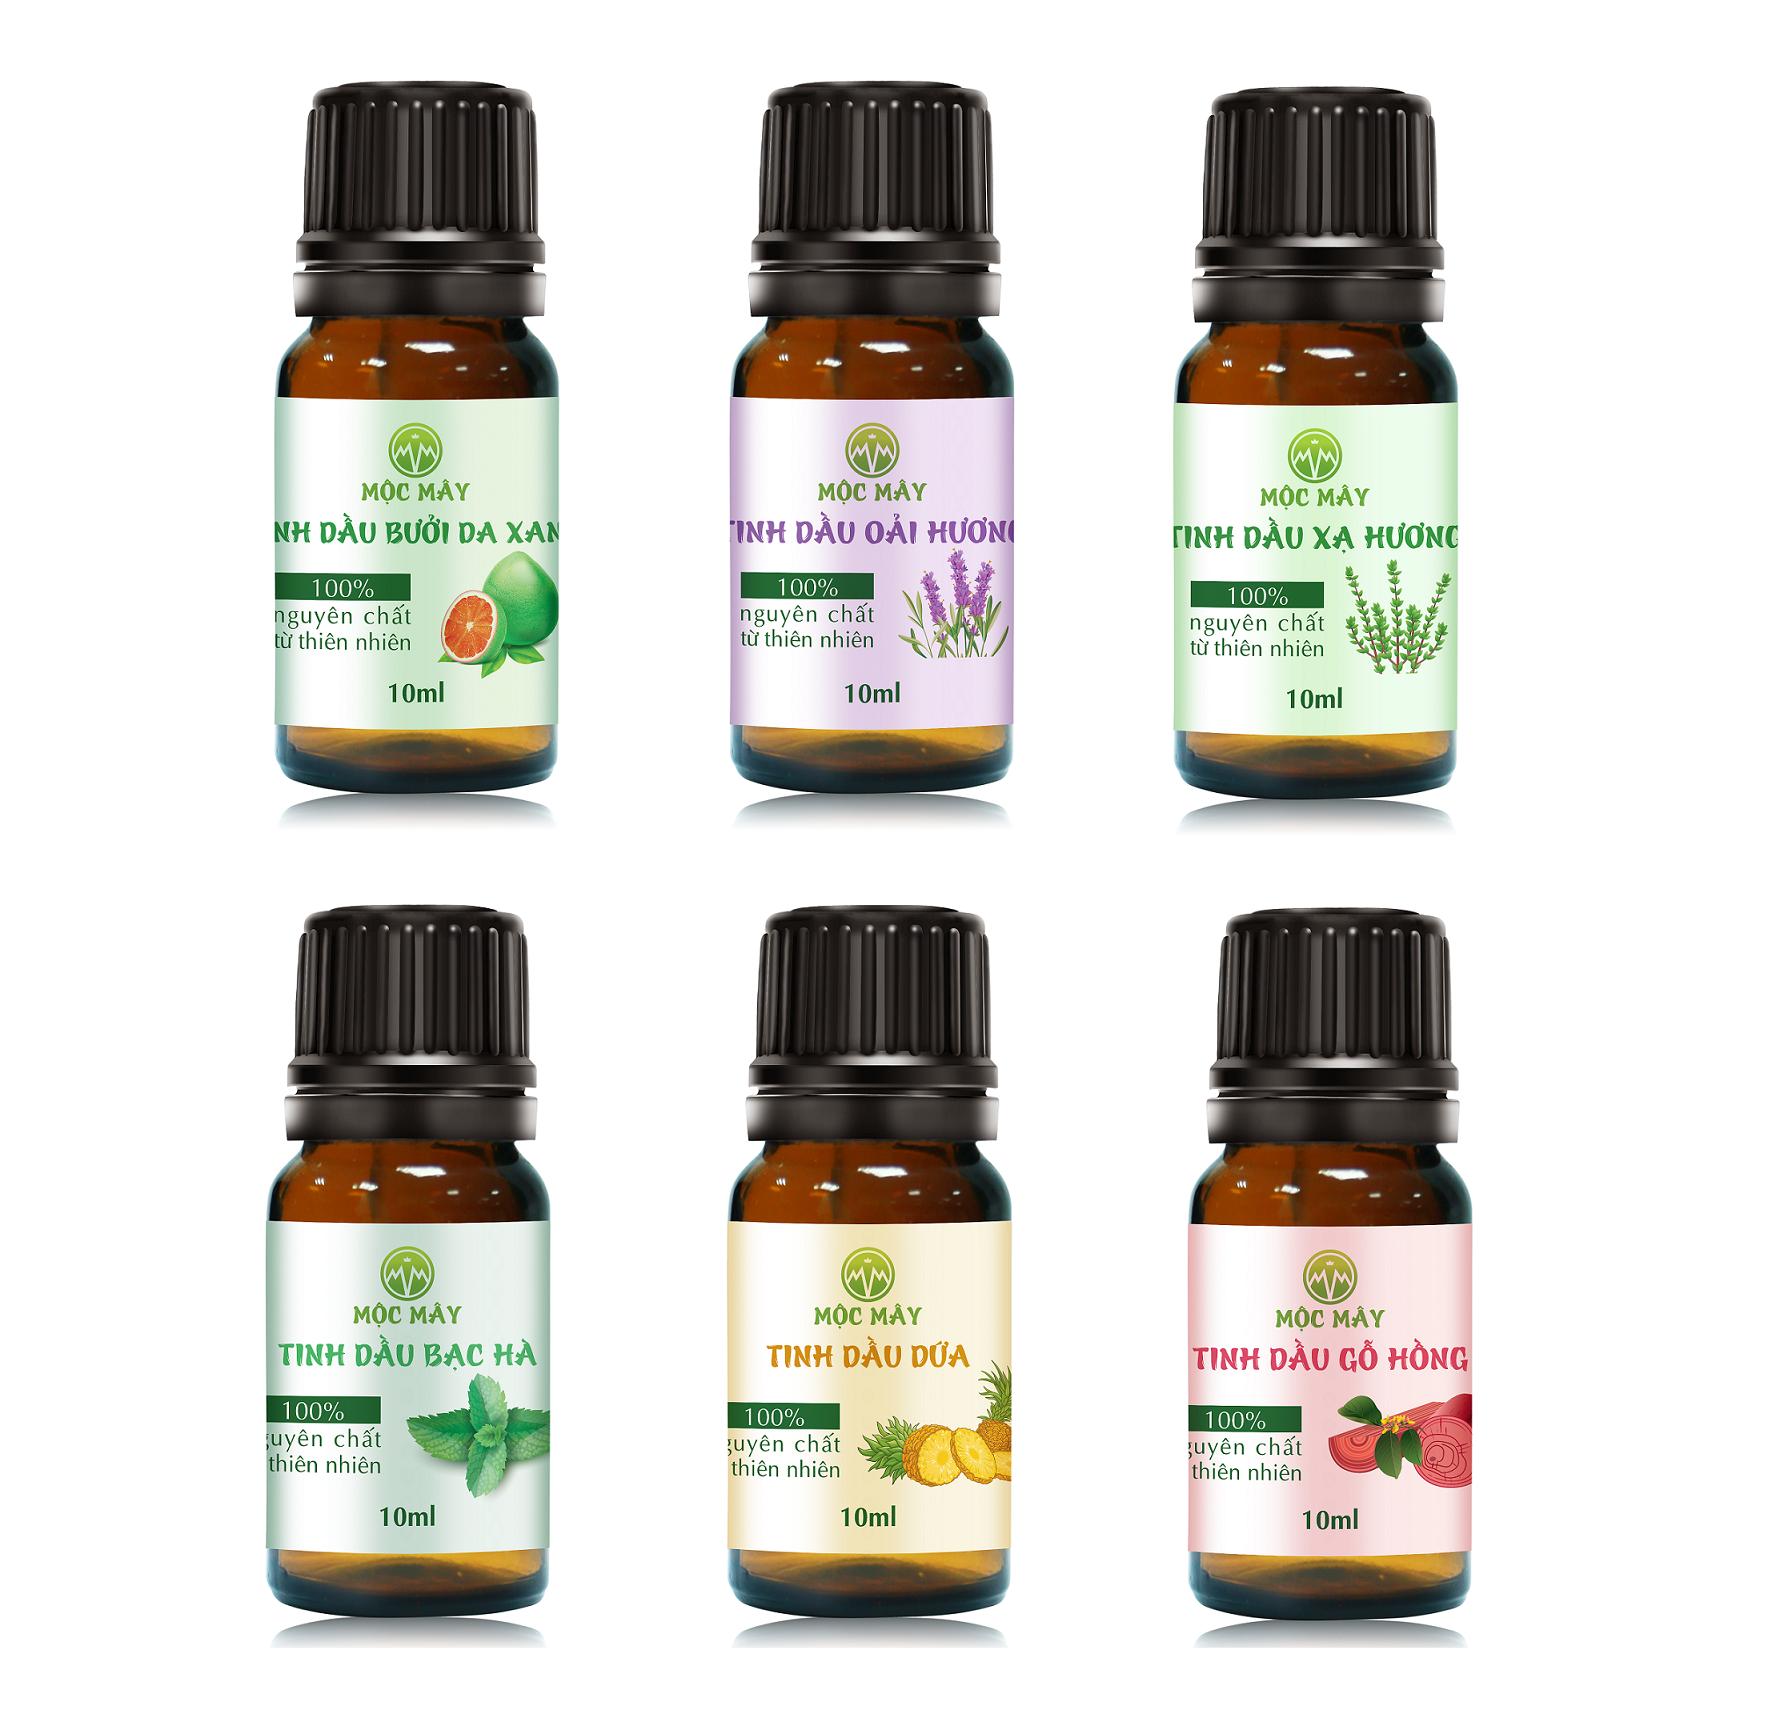 Tinh dầu thiên nhiên nguyên chất 10ml Mộc Mây – tinh dầu Organic nguyên chất từ thiên nhiên (có kiểm định bộ y tế, chất lượng và mùi hương vượt trội)